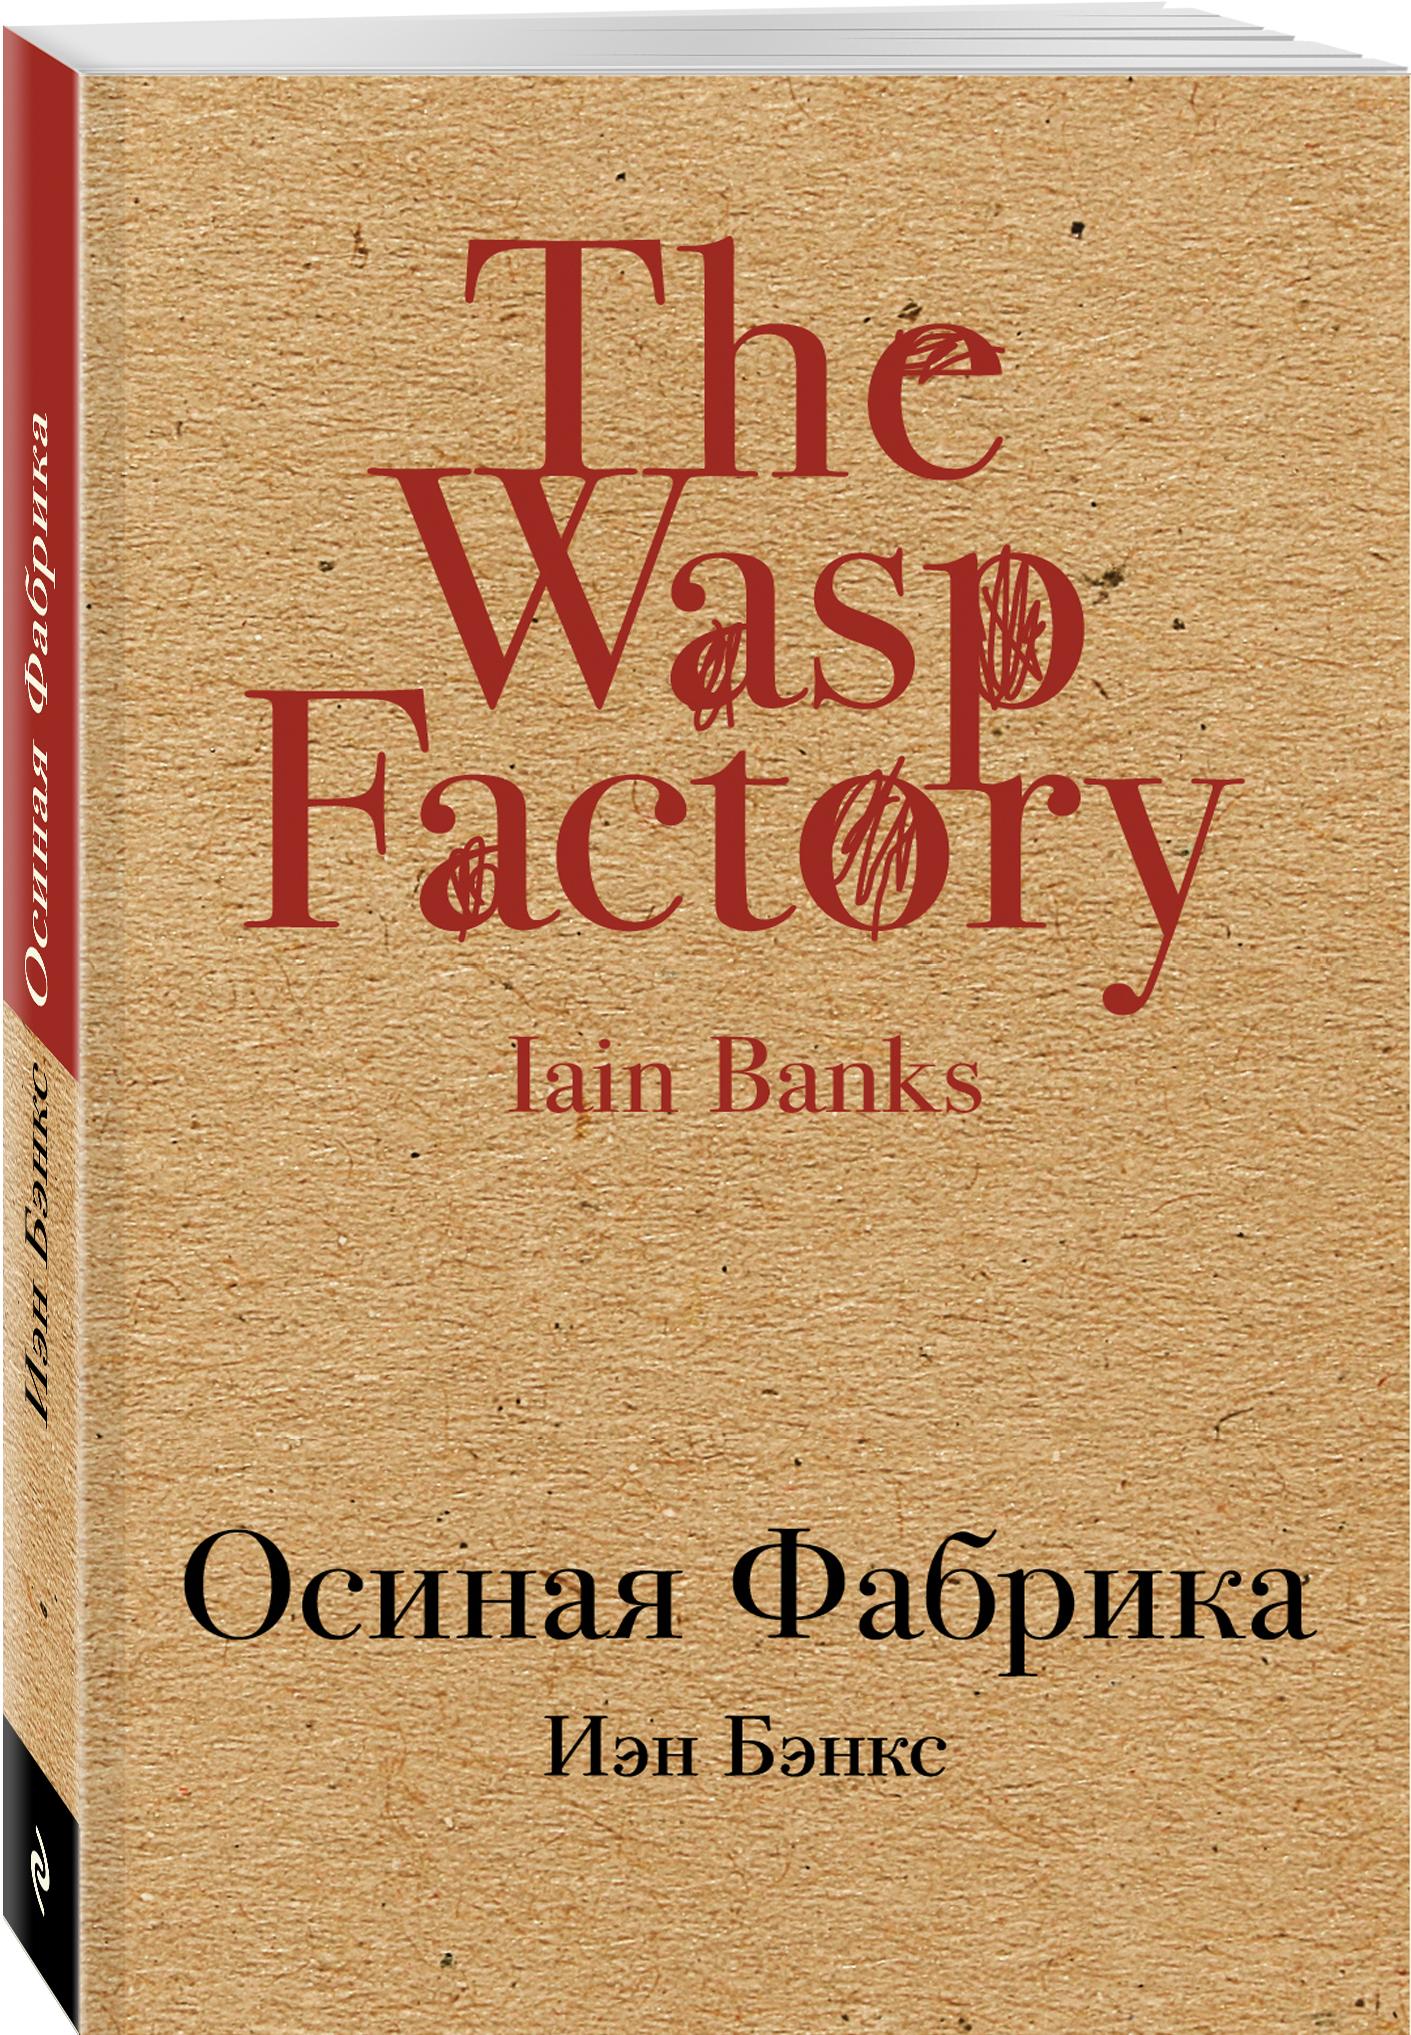 Бэнкс И. Осиная Фабрика столбы на забор купить в иркутске